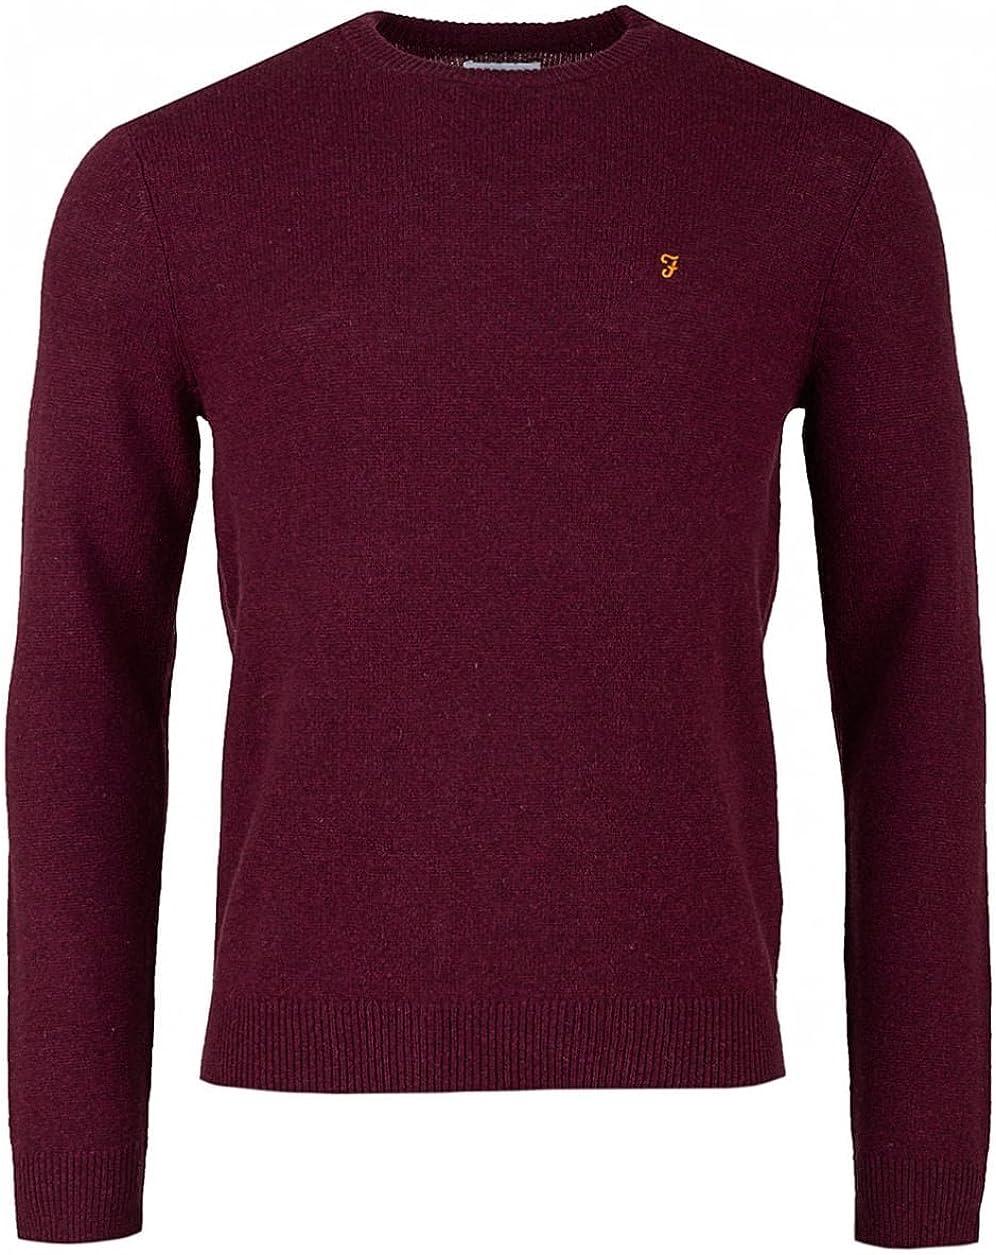 Farah Vintage Mens Rosecroft Logo Knit Red